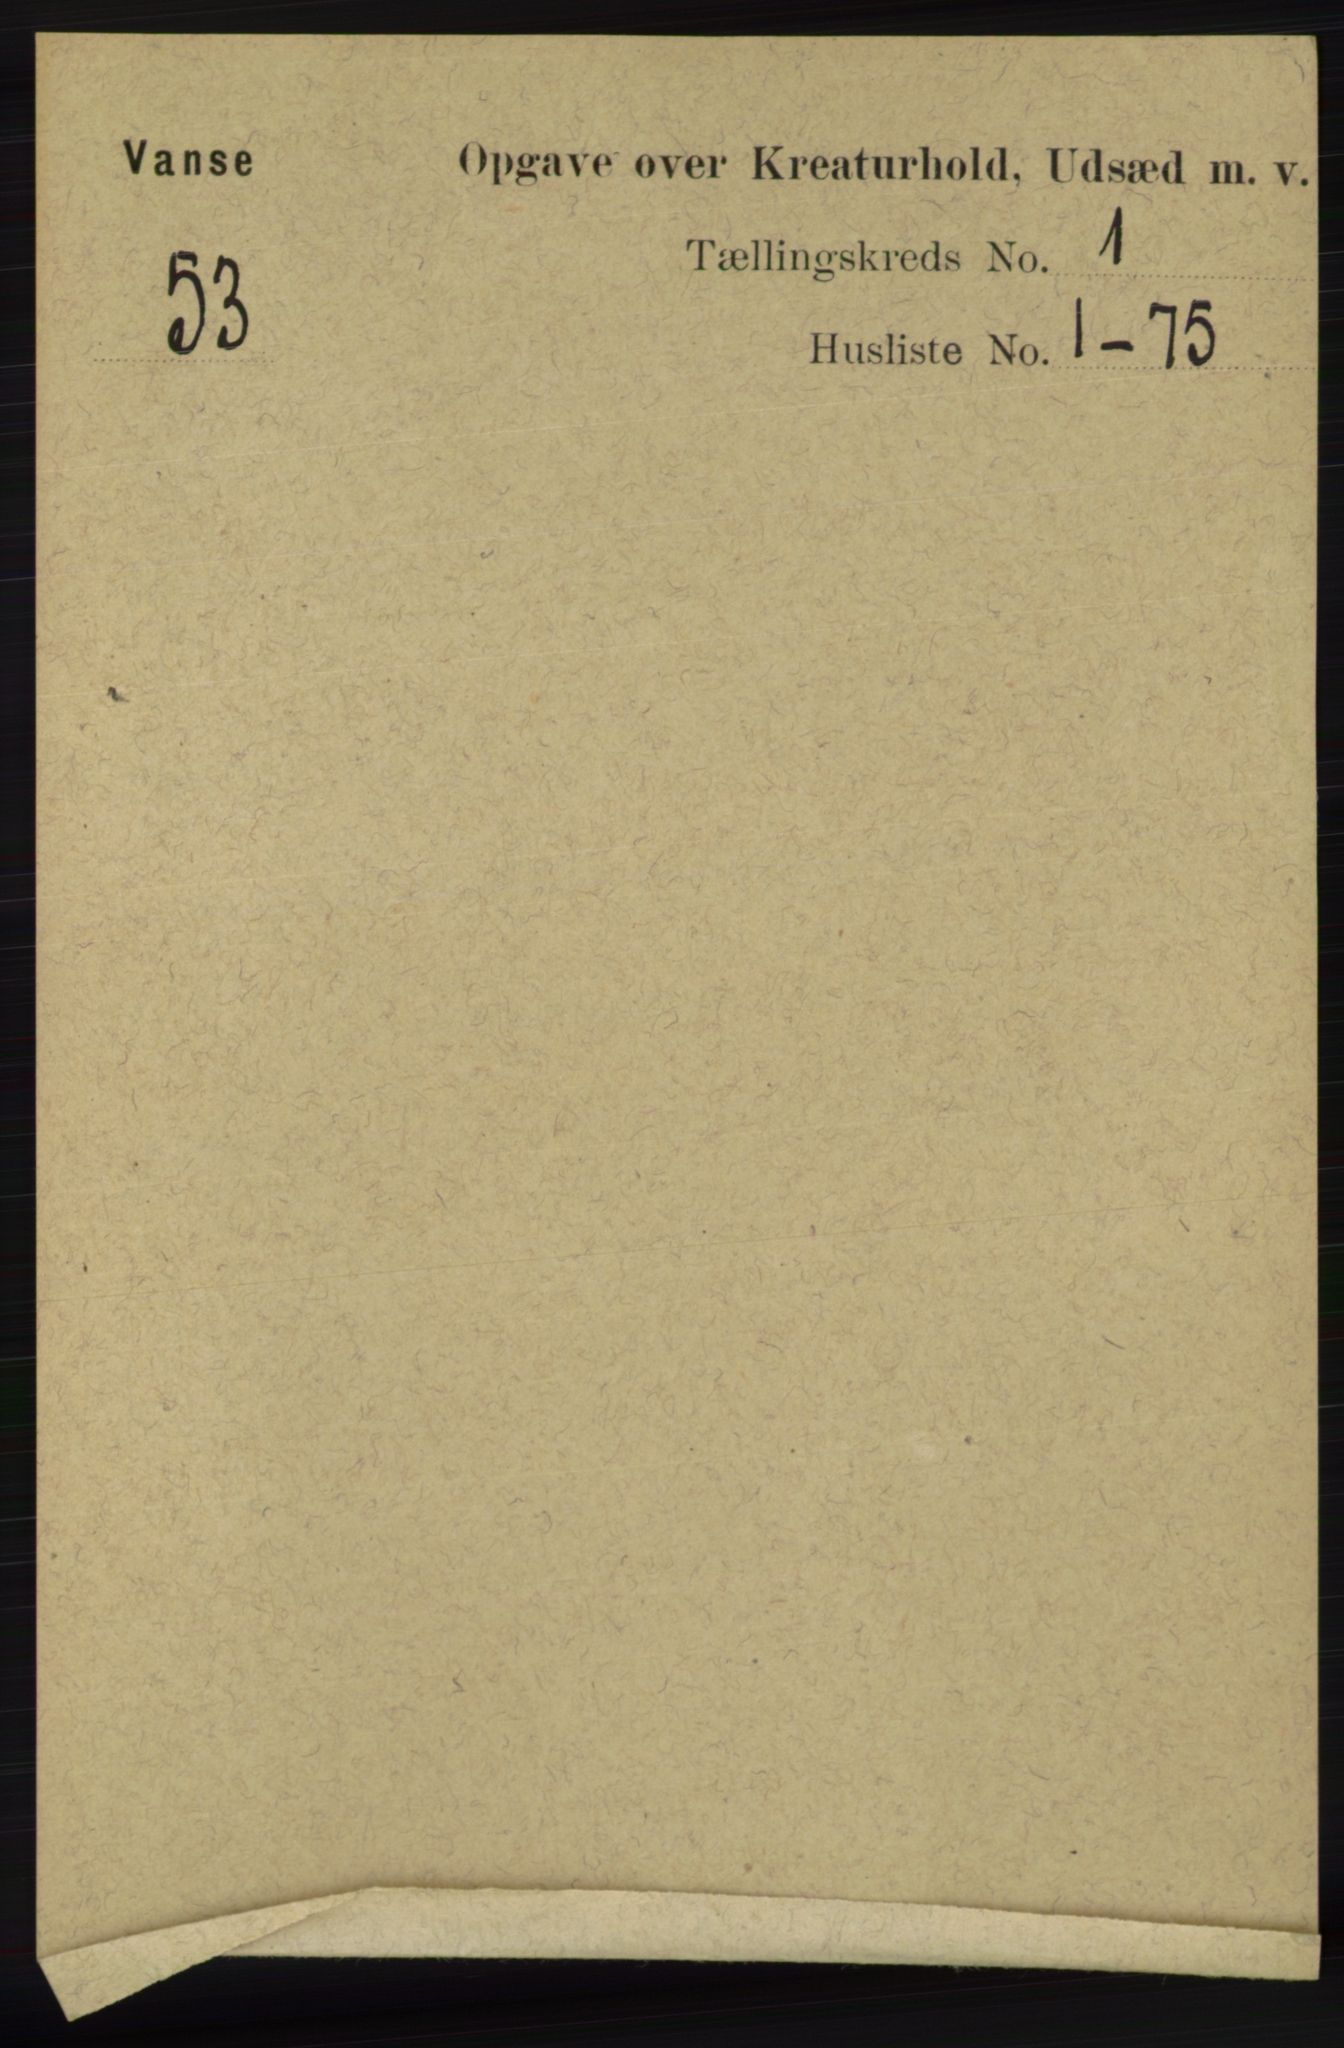 RA, Folketelling 1891 for 1041 Vanse herred, 1891, s. 7802